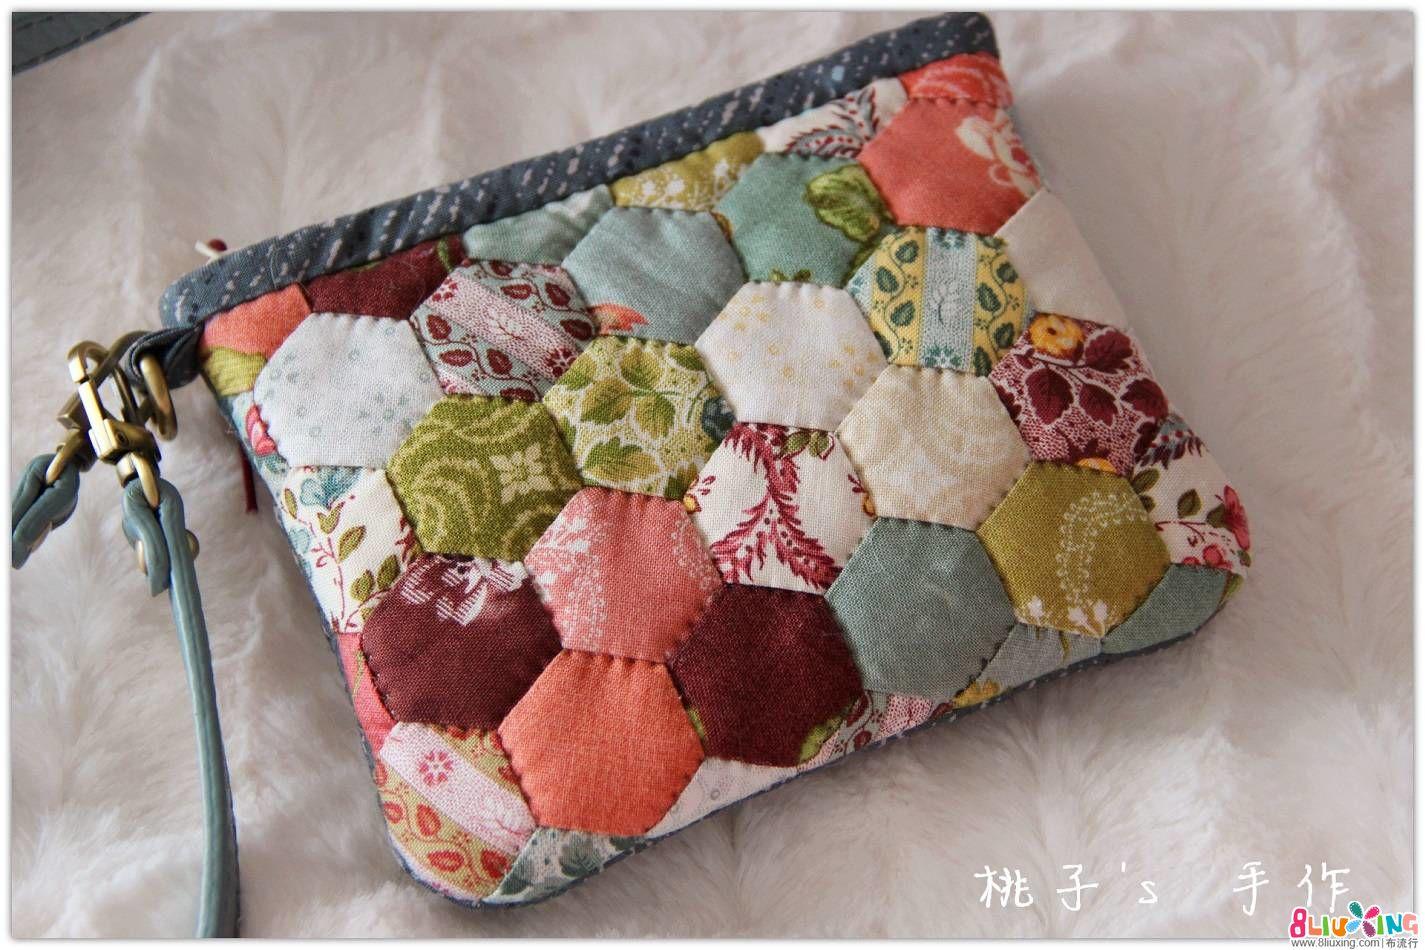 『桃子's 手作』凡尔赛玫瑰 祖母拼布 公文包/手拿包 套包~